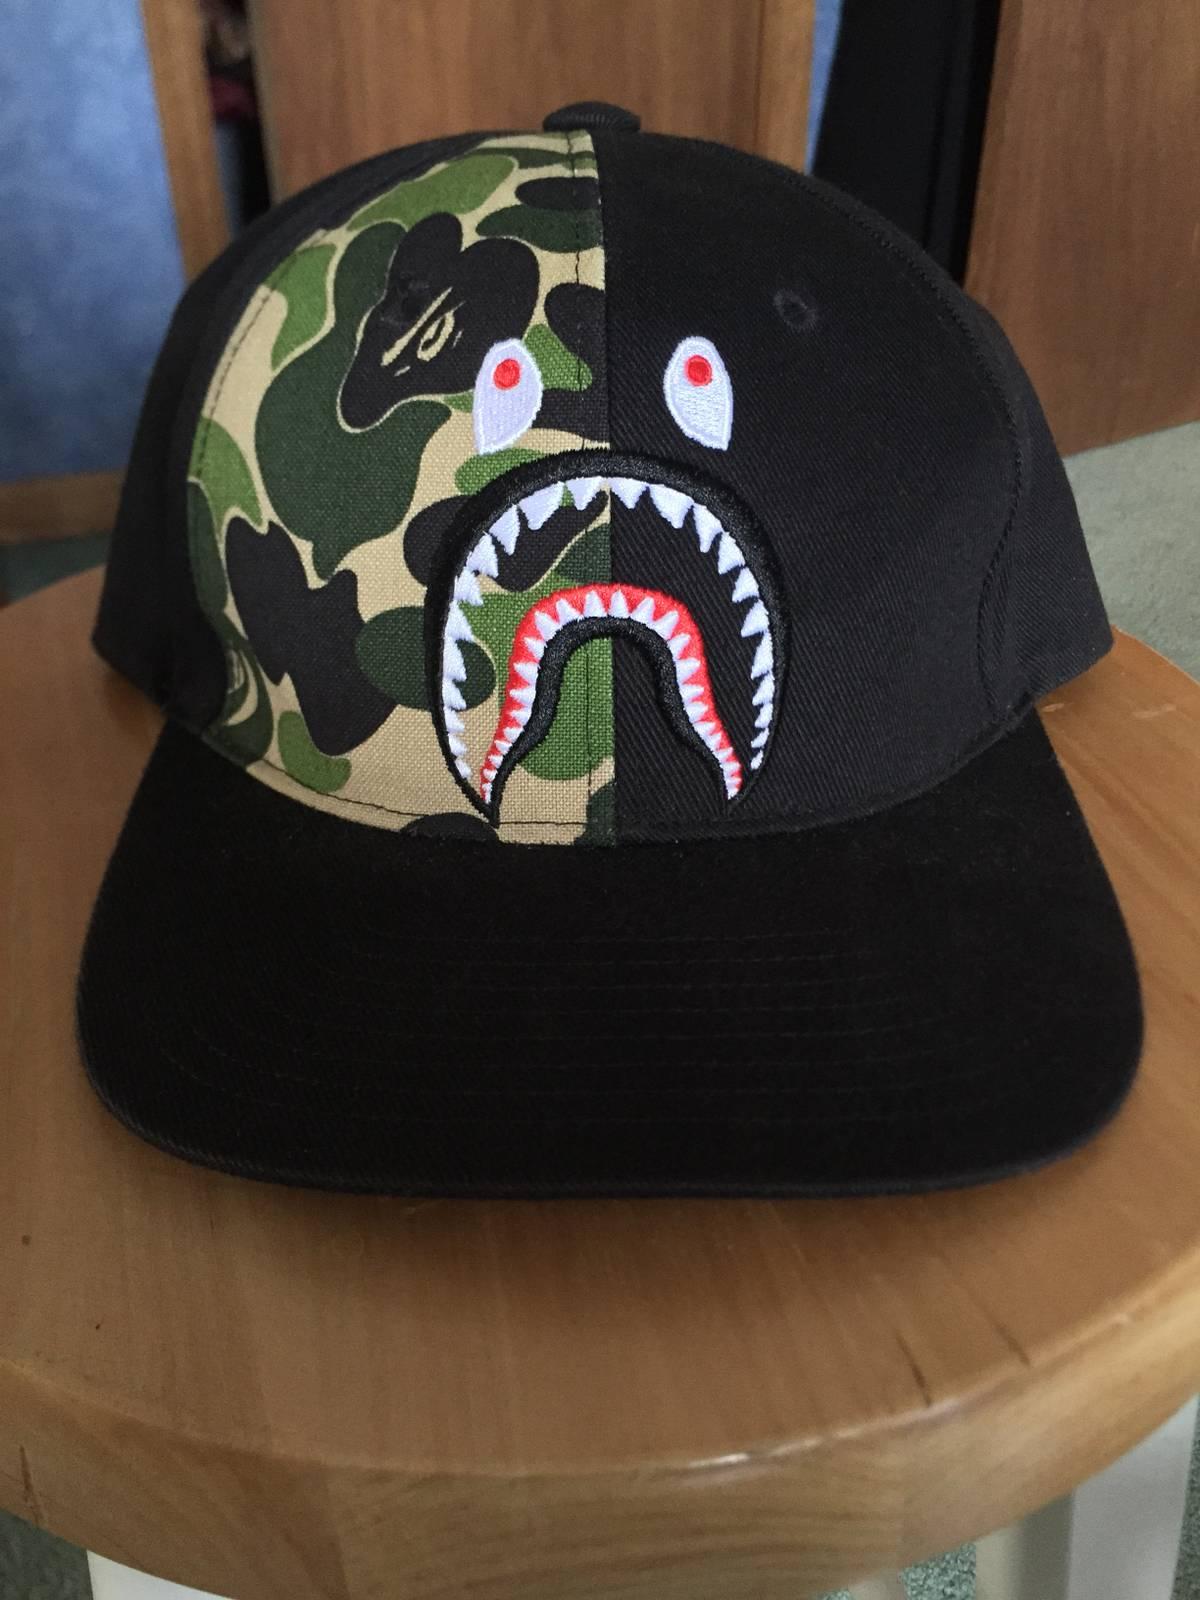 7d85f03f4573 Bape Abc Shark Snapback Cap